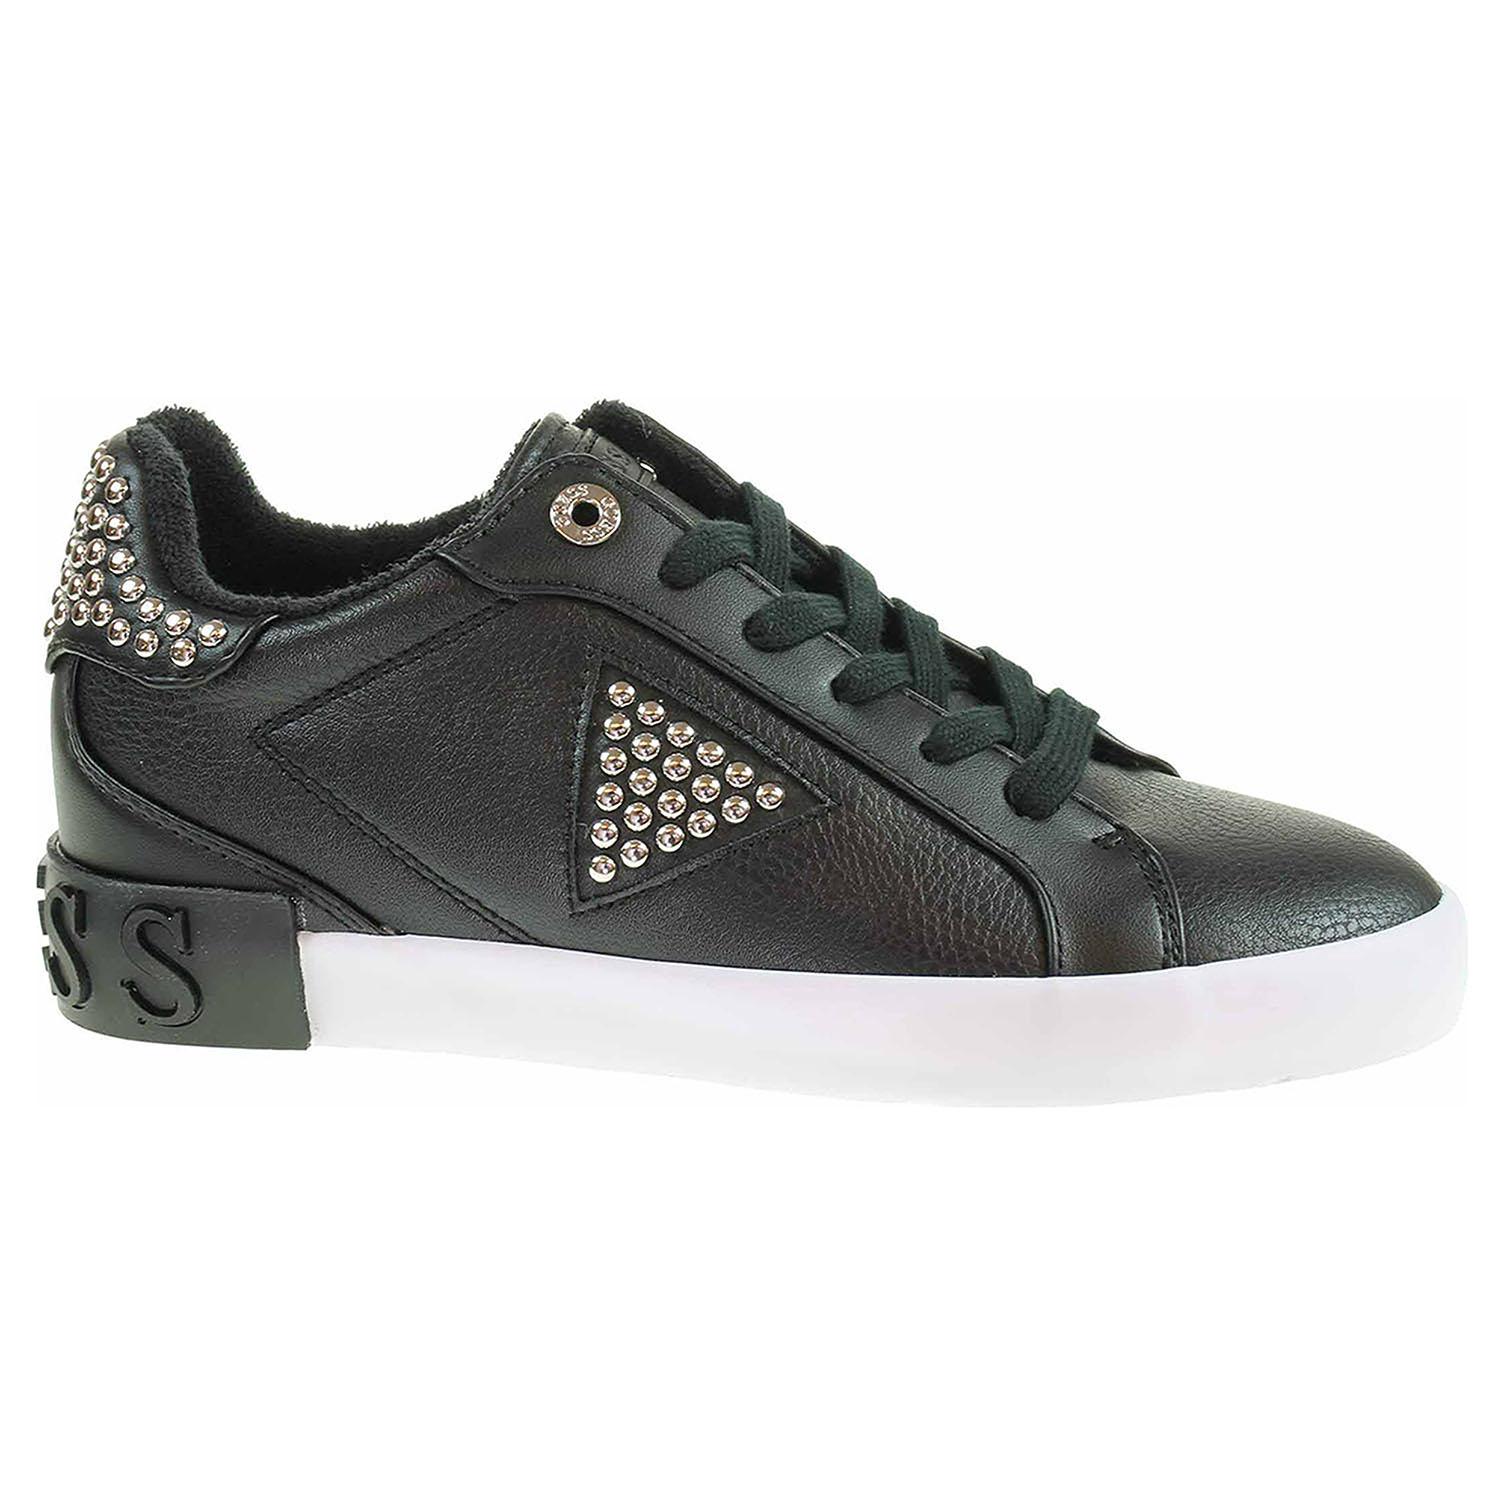 Dámská obuv Guess Paysin black FL7PANELE12 black 36